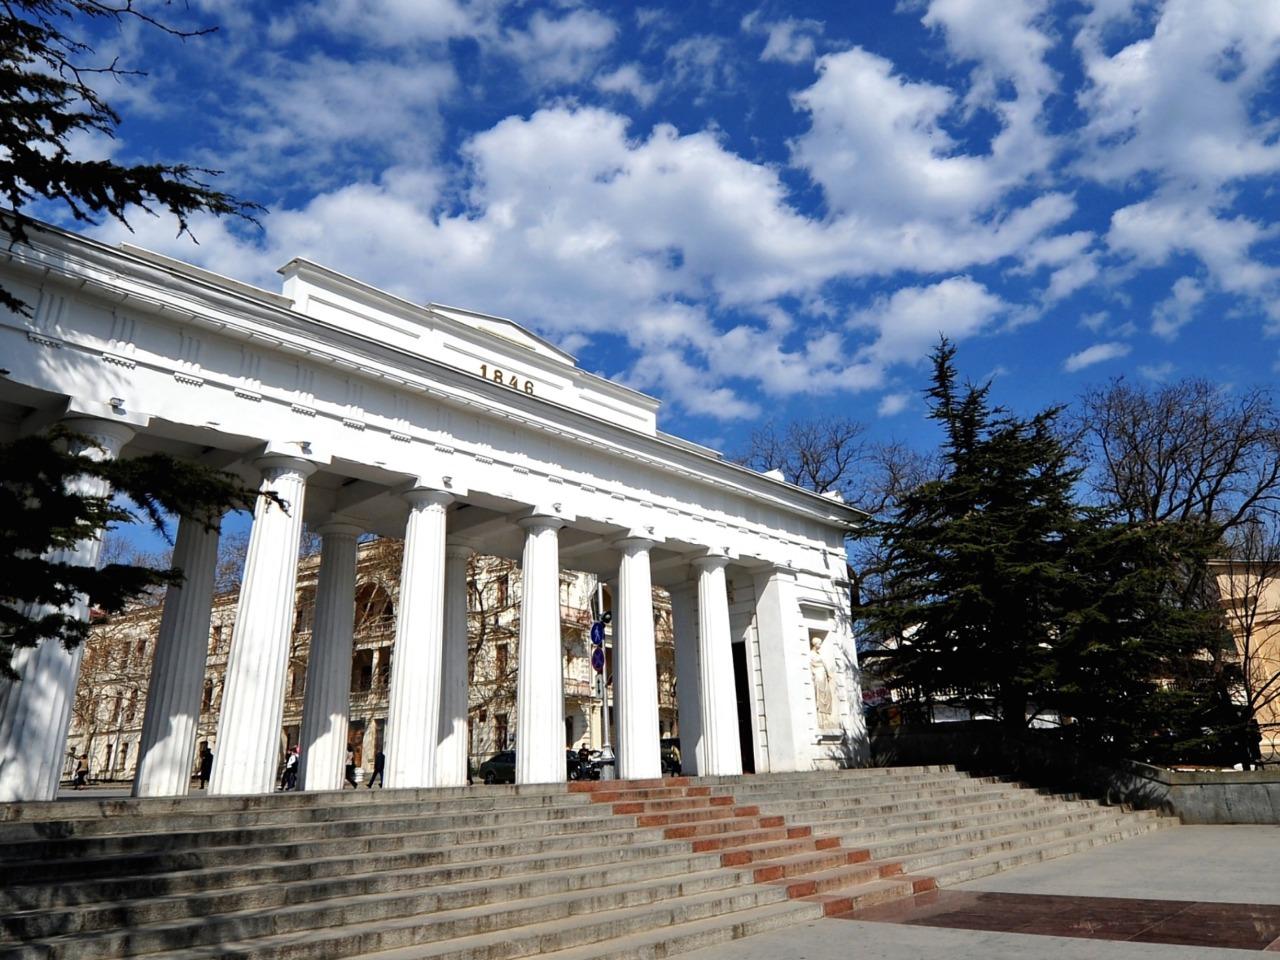 Центр Севастополя + Диорама + Панорама - групповая экскурсия в Севастополе от опытного гида